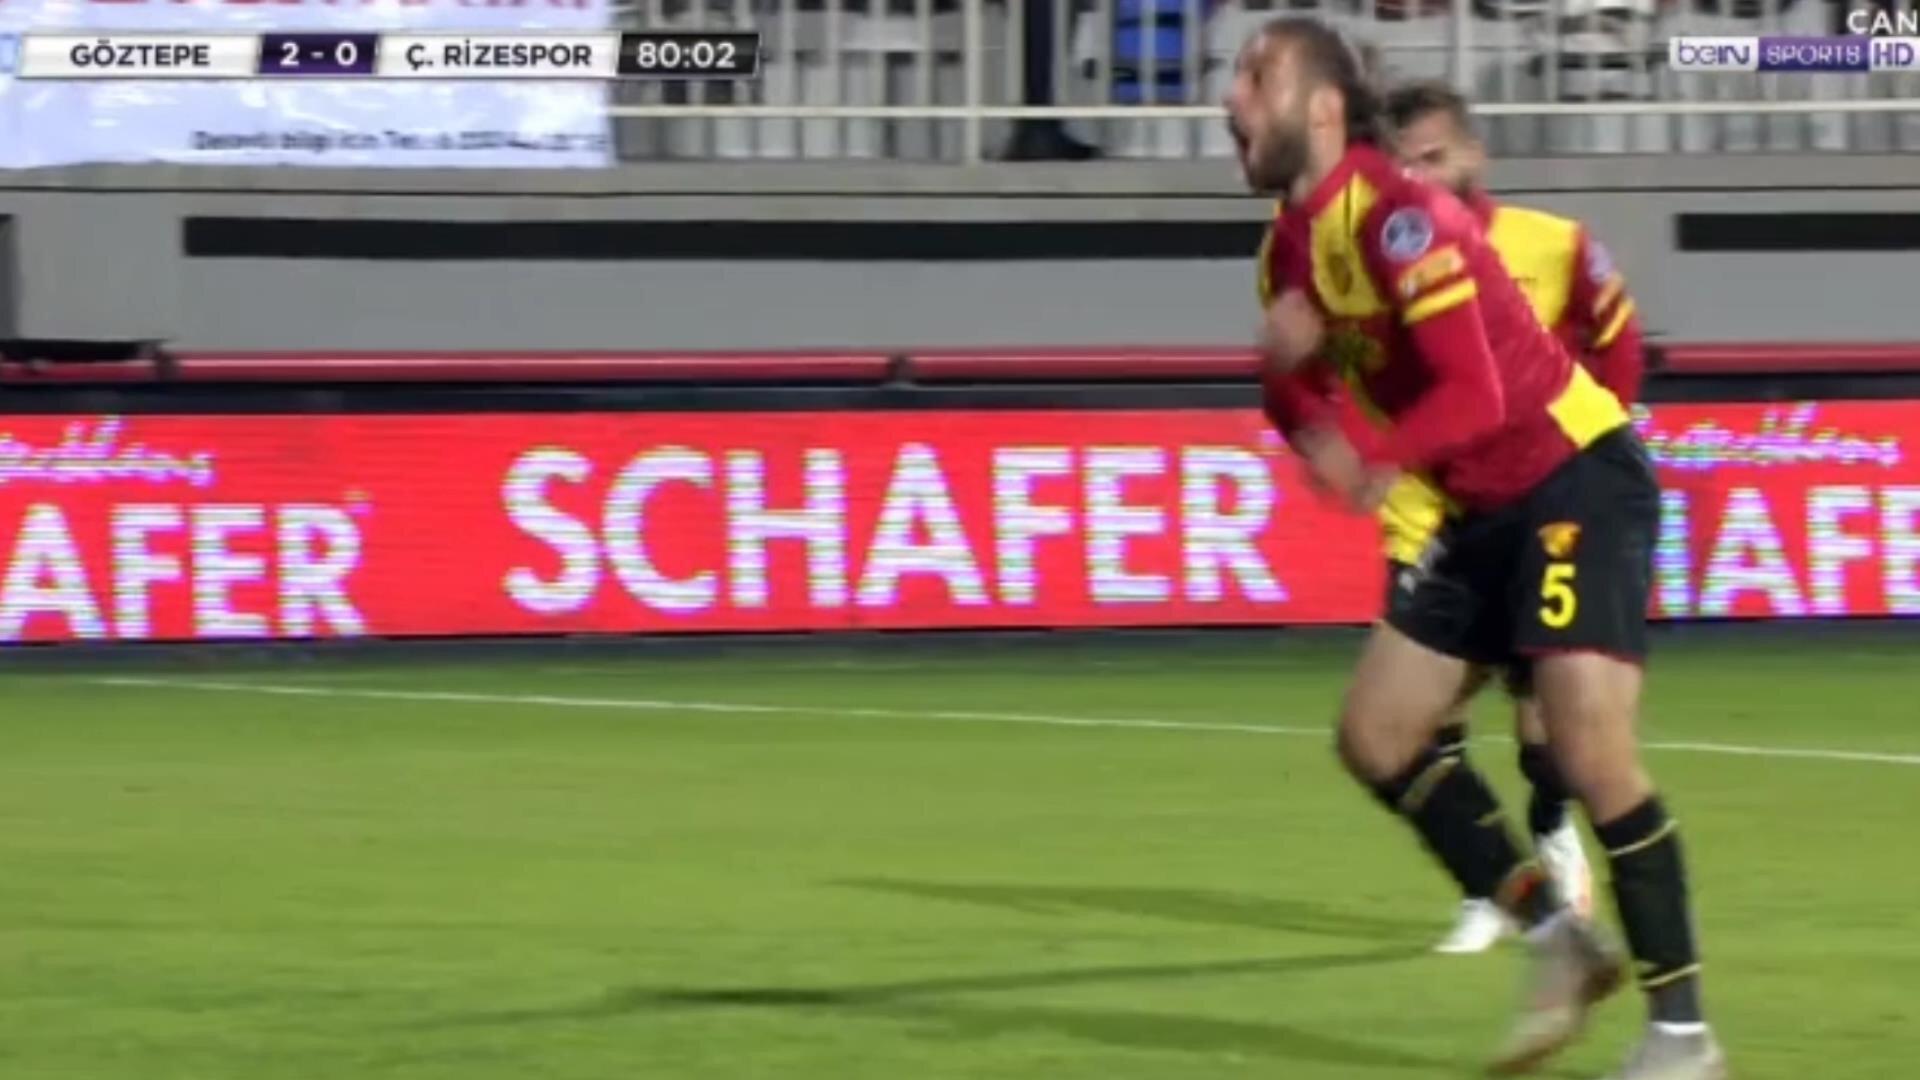 Alpaslan Öztürk, Rizespor maçında attığı golden sonra goril taklidi yaparak sevindi.